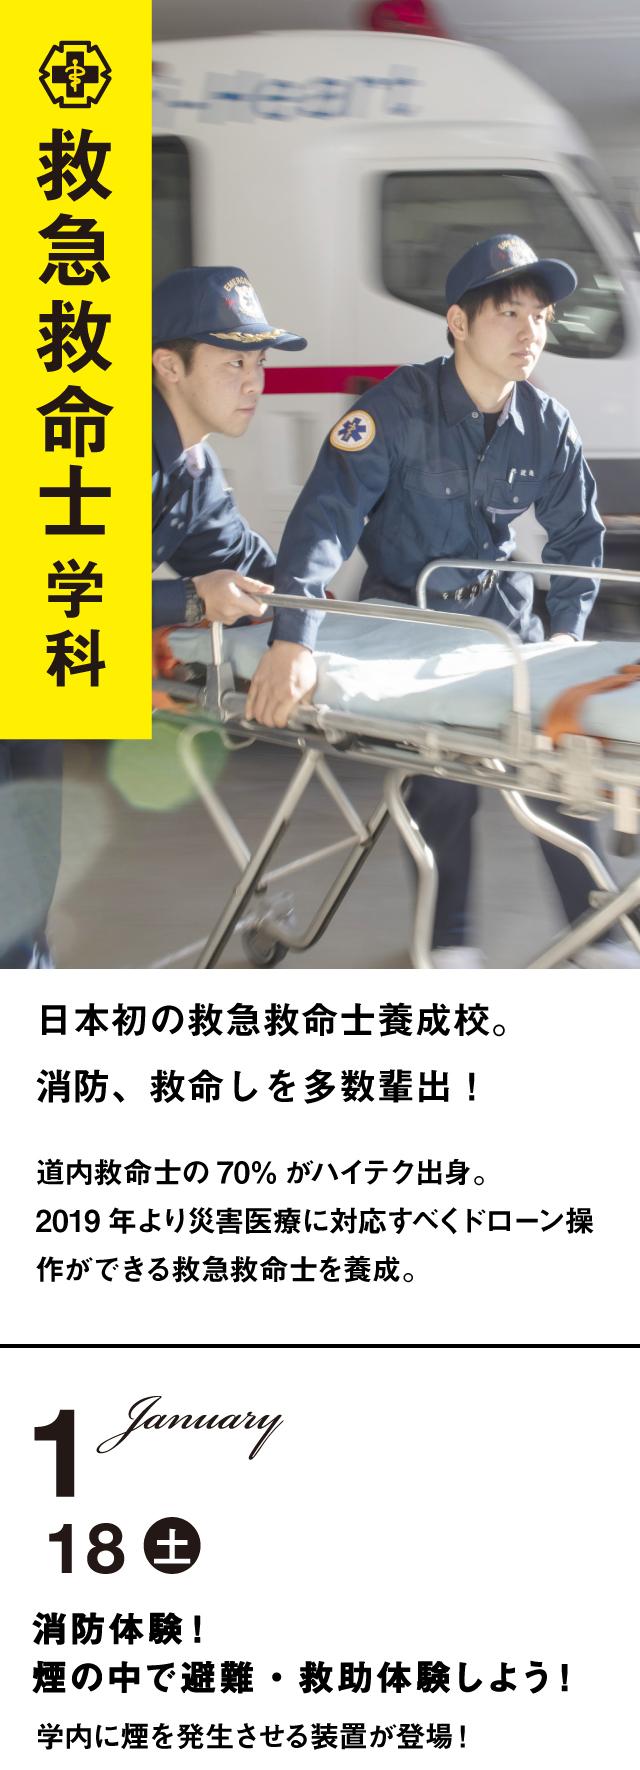 03_救命救急_02